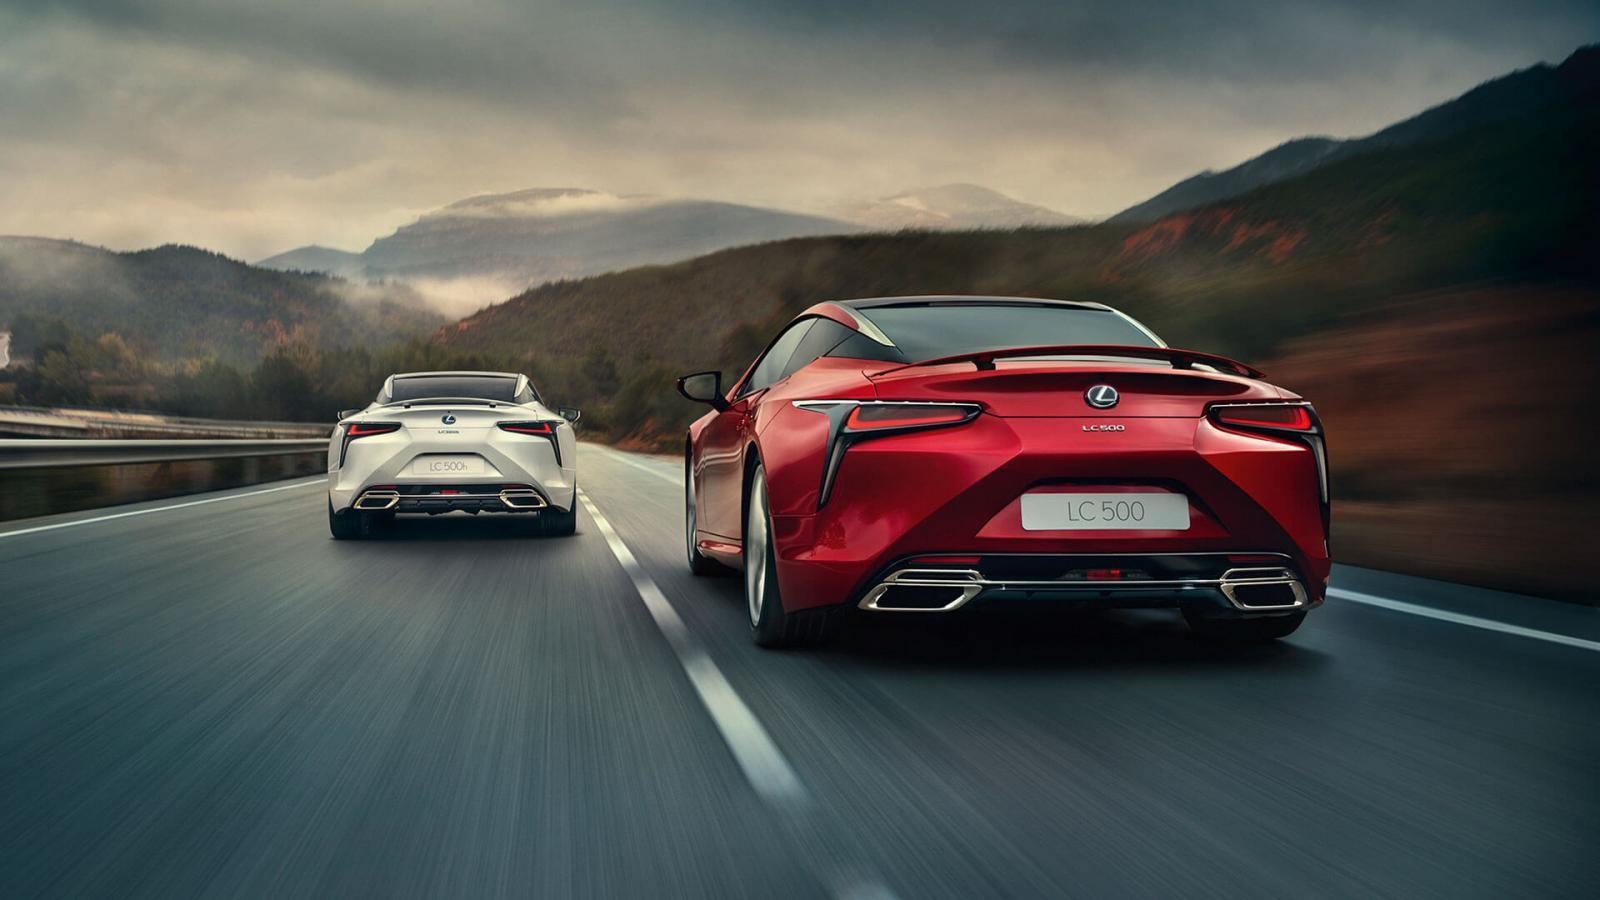 Lexus LC Coupe là mẫu xe mất giá nhanh tại thị trường Mỹ